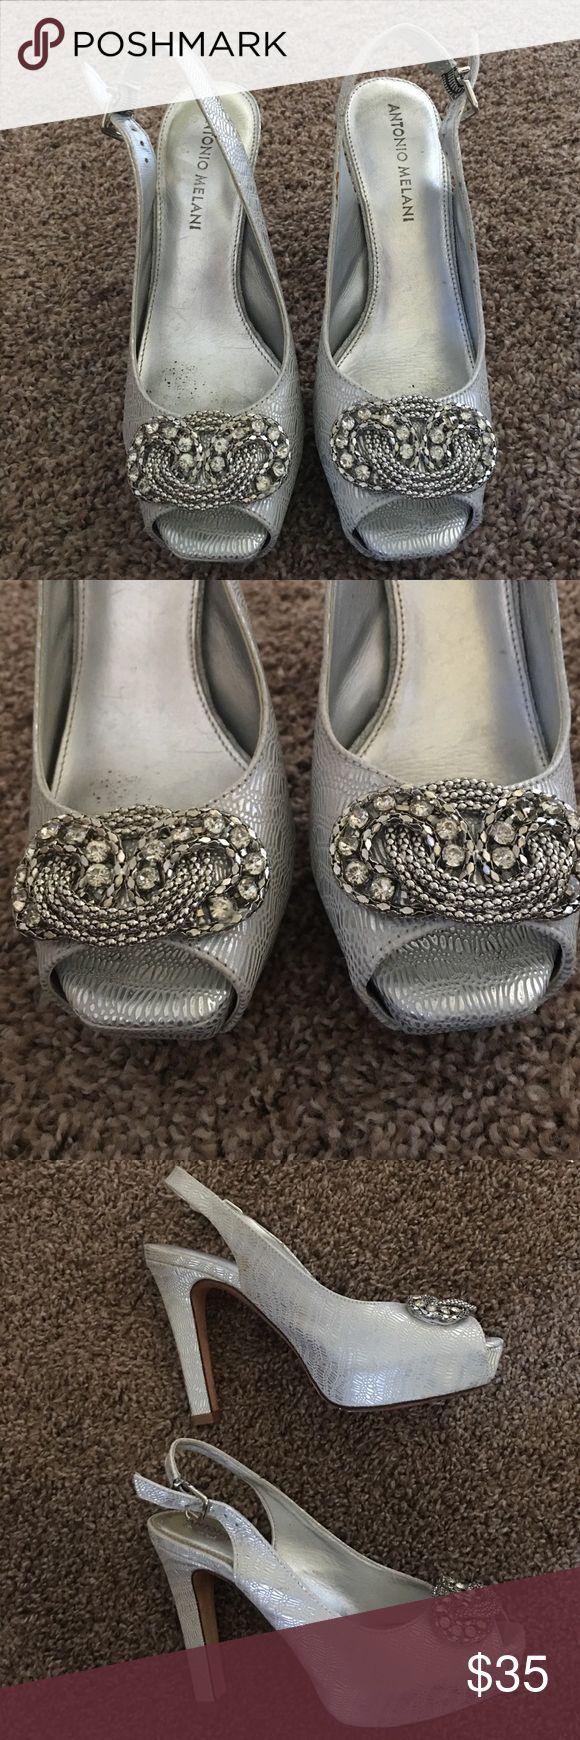 ANTONIO MELANI HEELS💕SALE In good condition. 4 inch heel. ANTONIO MELANI Shoes Heels